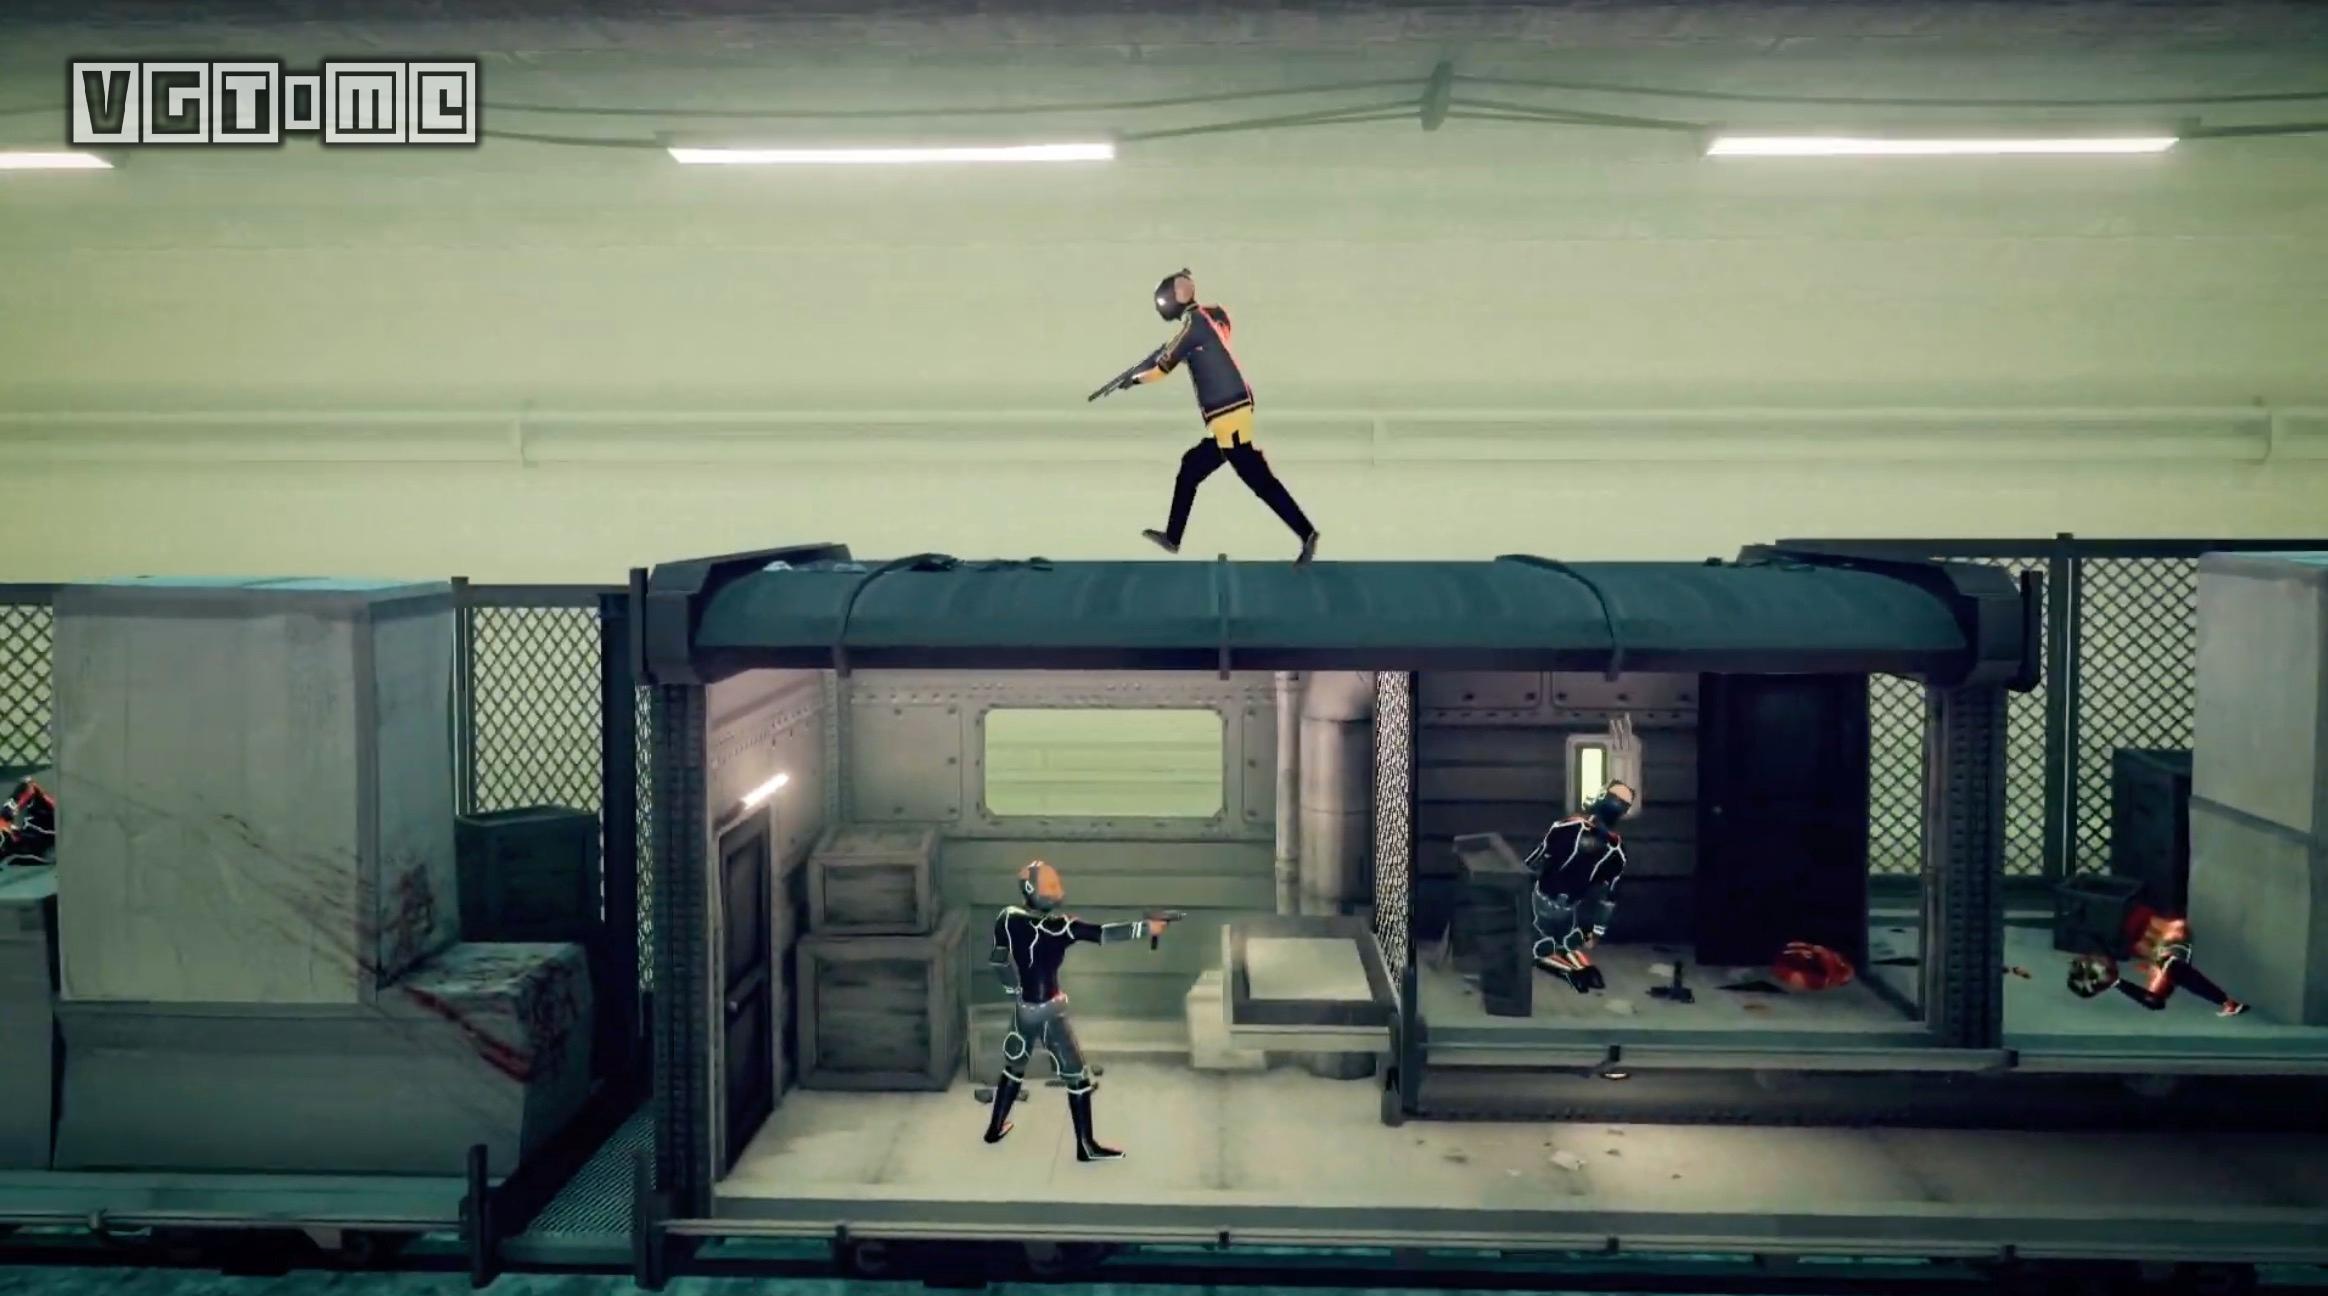 分级信息显示动作射击游戏《我的朋友佩德罗》将登陆PS4